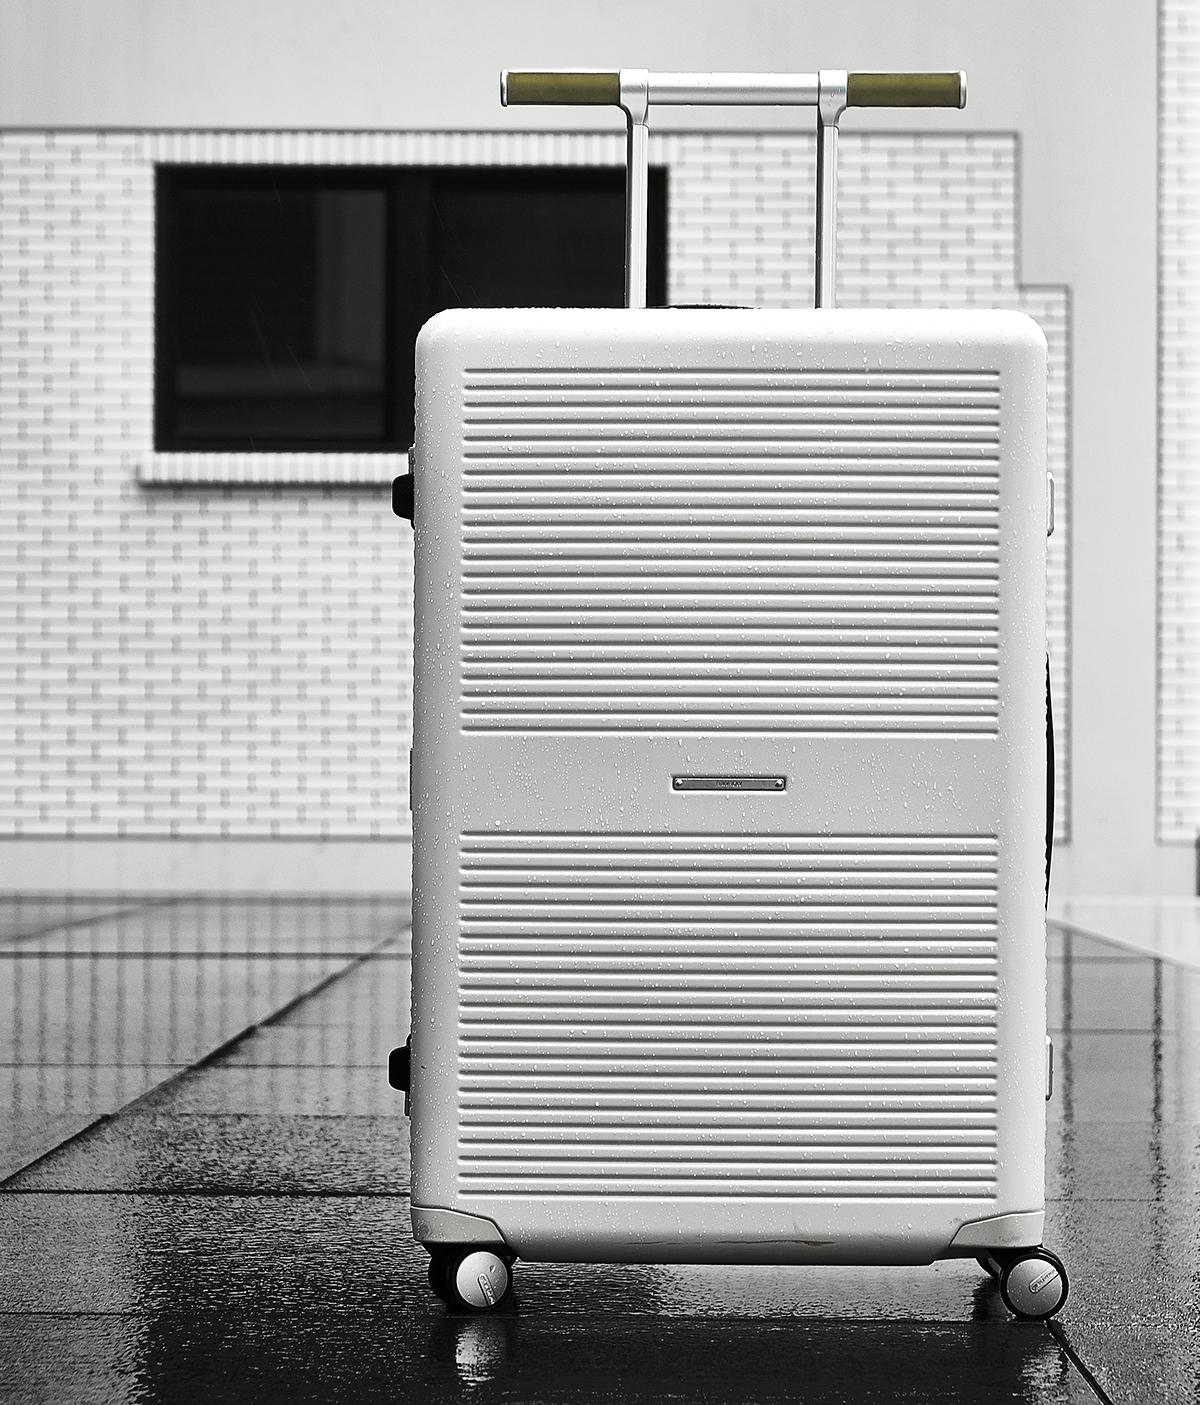 「荷物を守り、快適に運ぶ」の本質を追求し、さまざまなテストを重ねた上で商品化した耐久性や耐衝撃性のあるスーツケース(37L・1〜2泊・機内持ち込みサイズ)|RAWROW